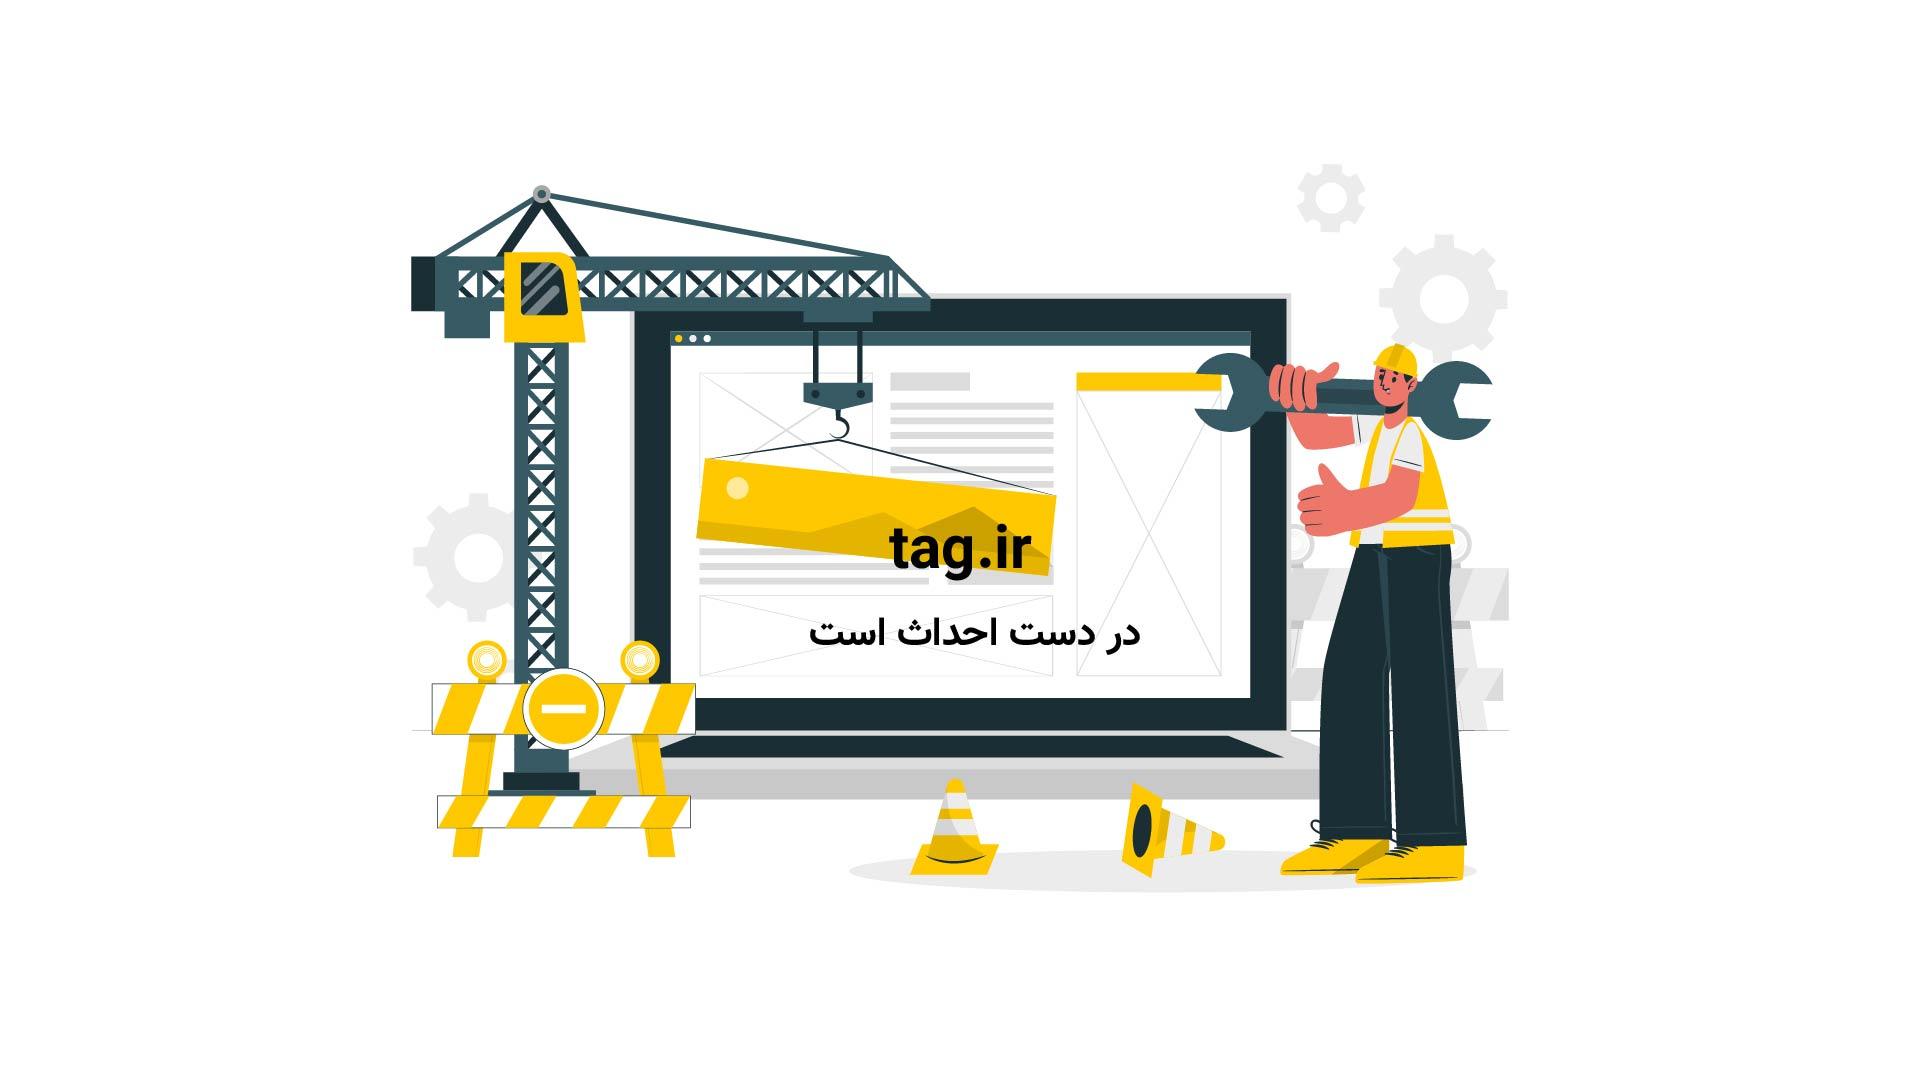 تماشاچیهای برزیلی هم اعتقاد دارند آبادان برزیلته + فیلم